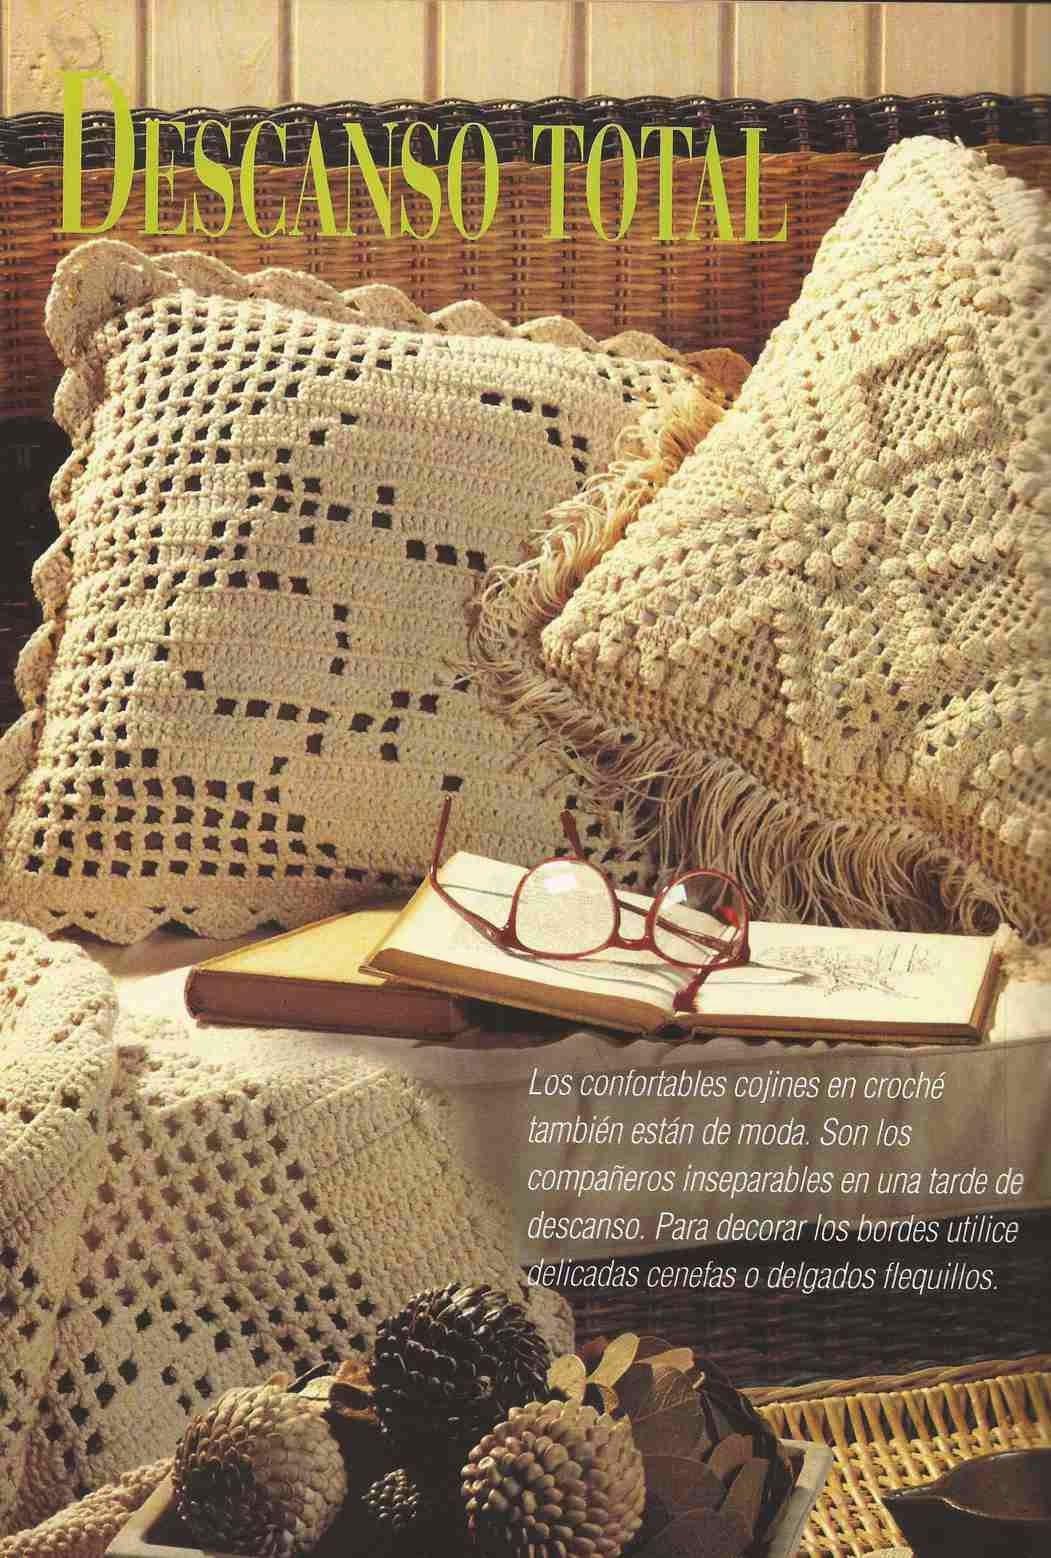 Los 10 Cojines a Crochet más hermosos que puedas imaginar | CTejidas ...